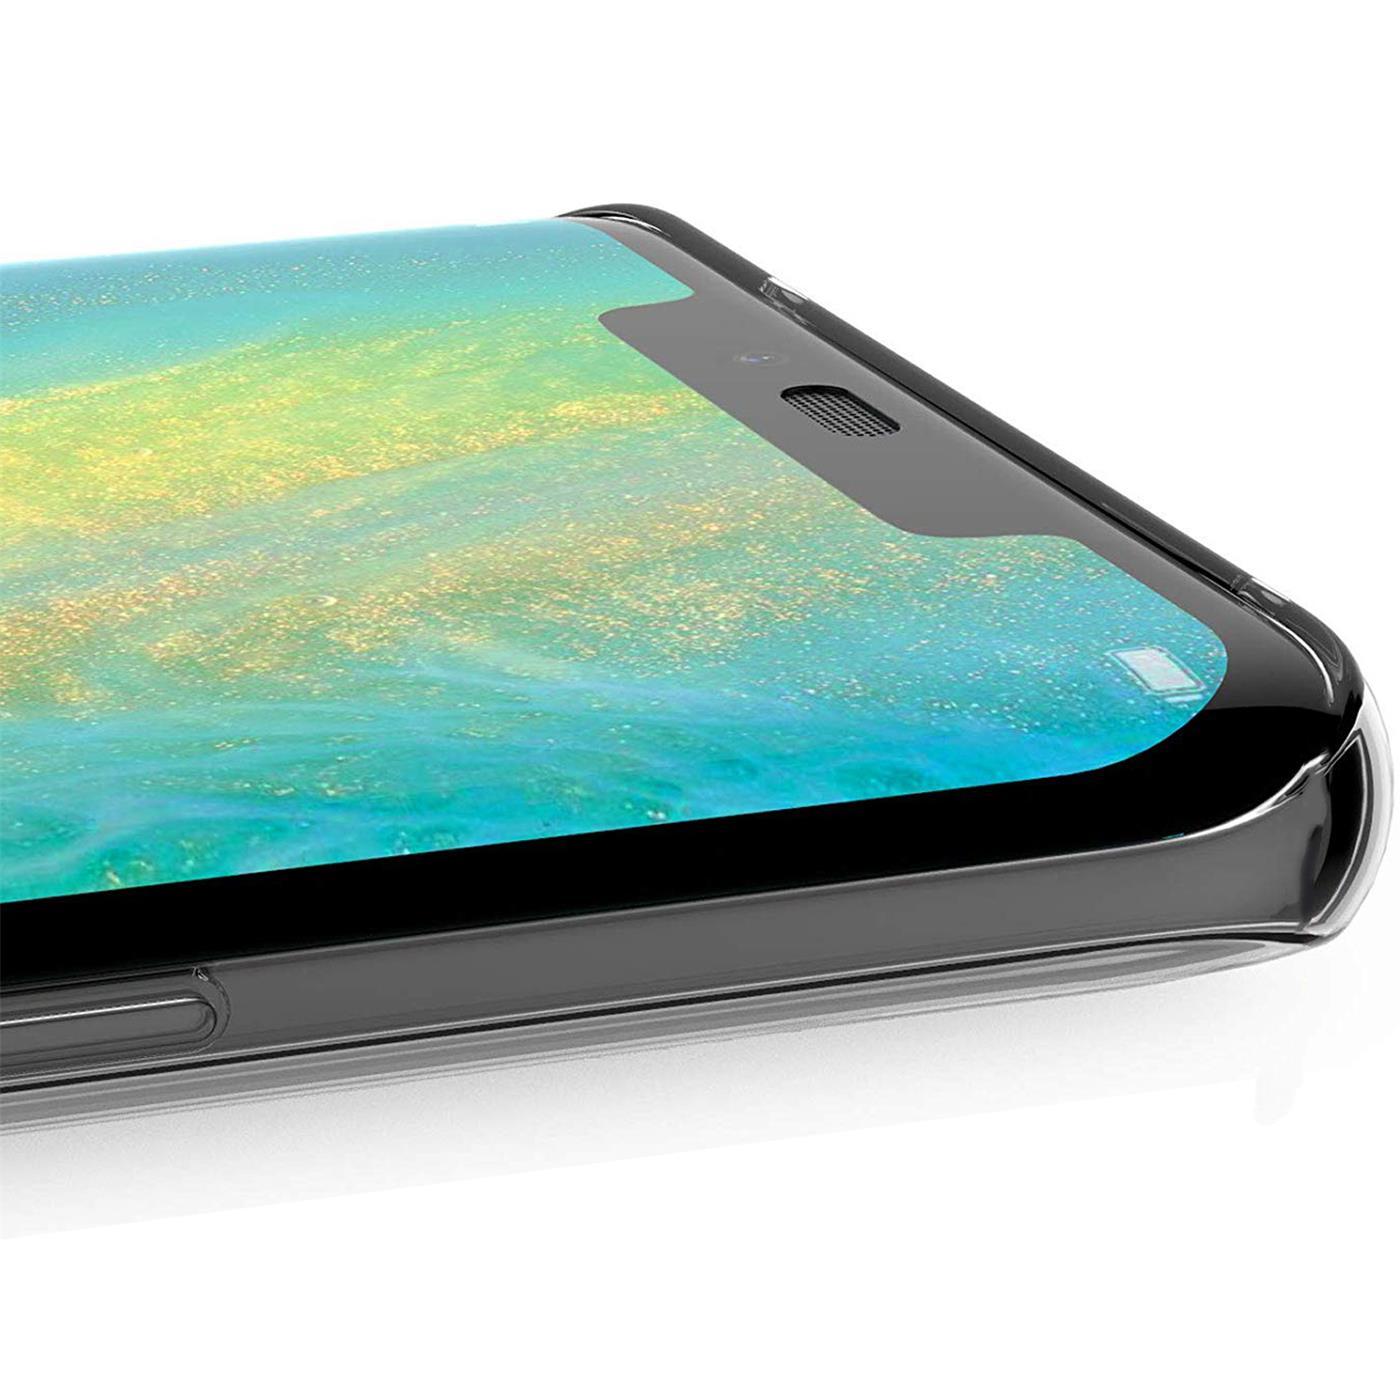 Huawei-P30-Lite-Motiv-Handy-Huelle-Silikon-Tasche-Schutzhuelle-Cover-Slim-TPU-Case Indexbild 34